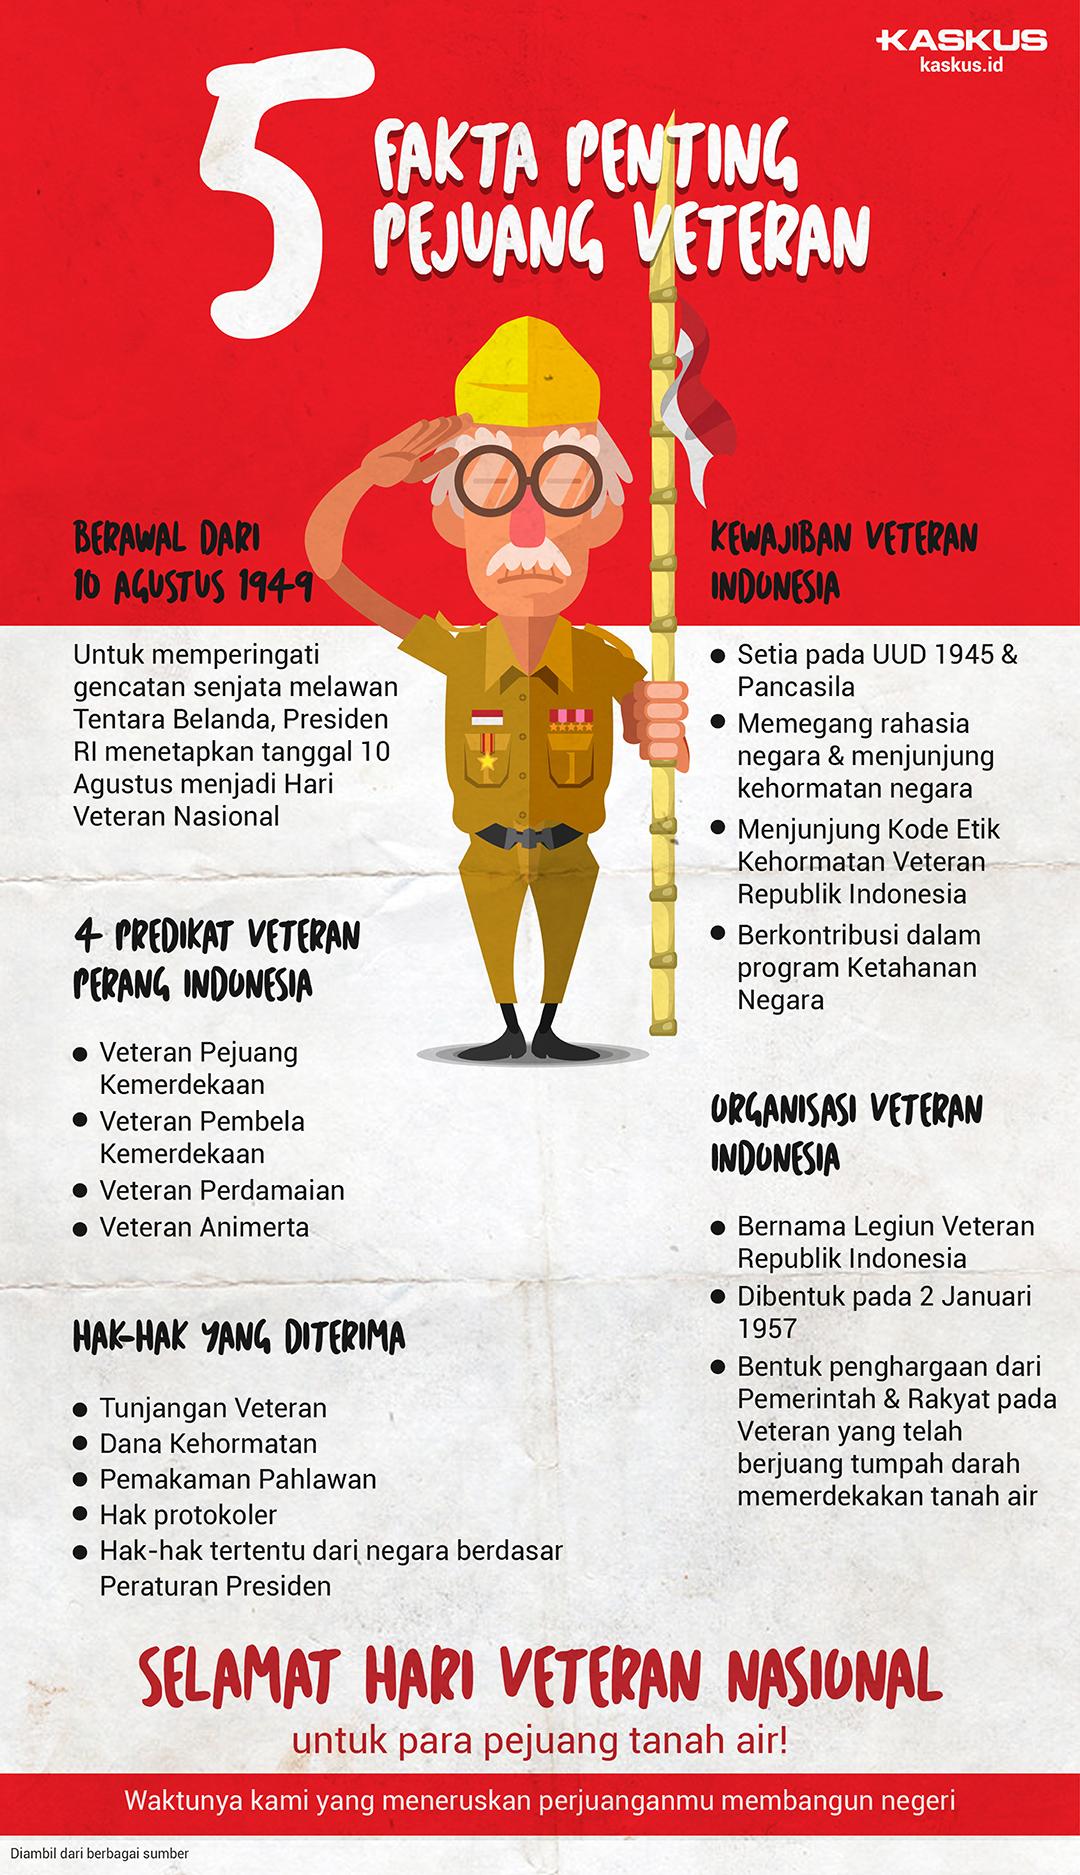 5 Fakta Penting Pejuang Veteran